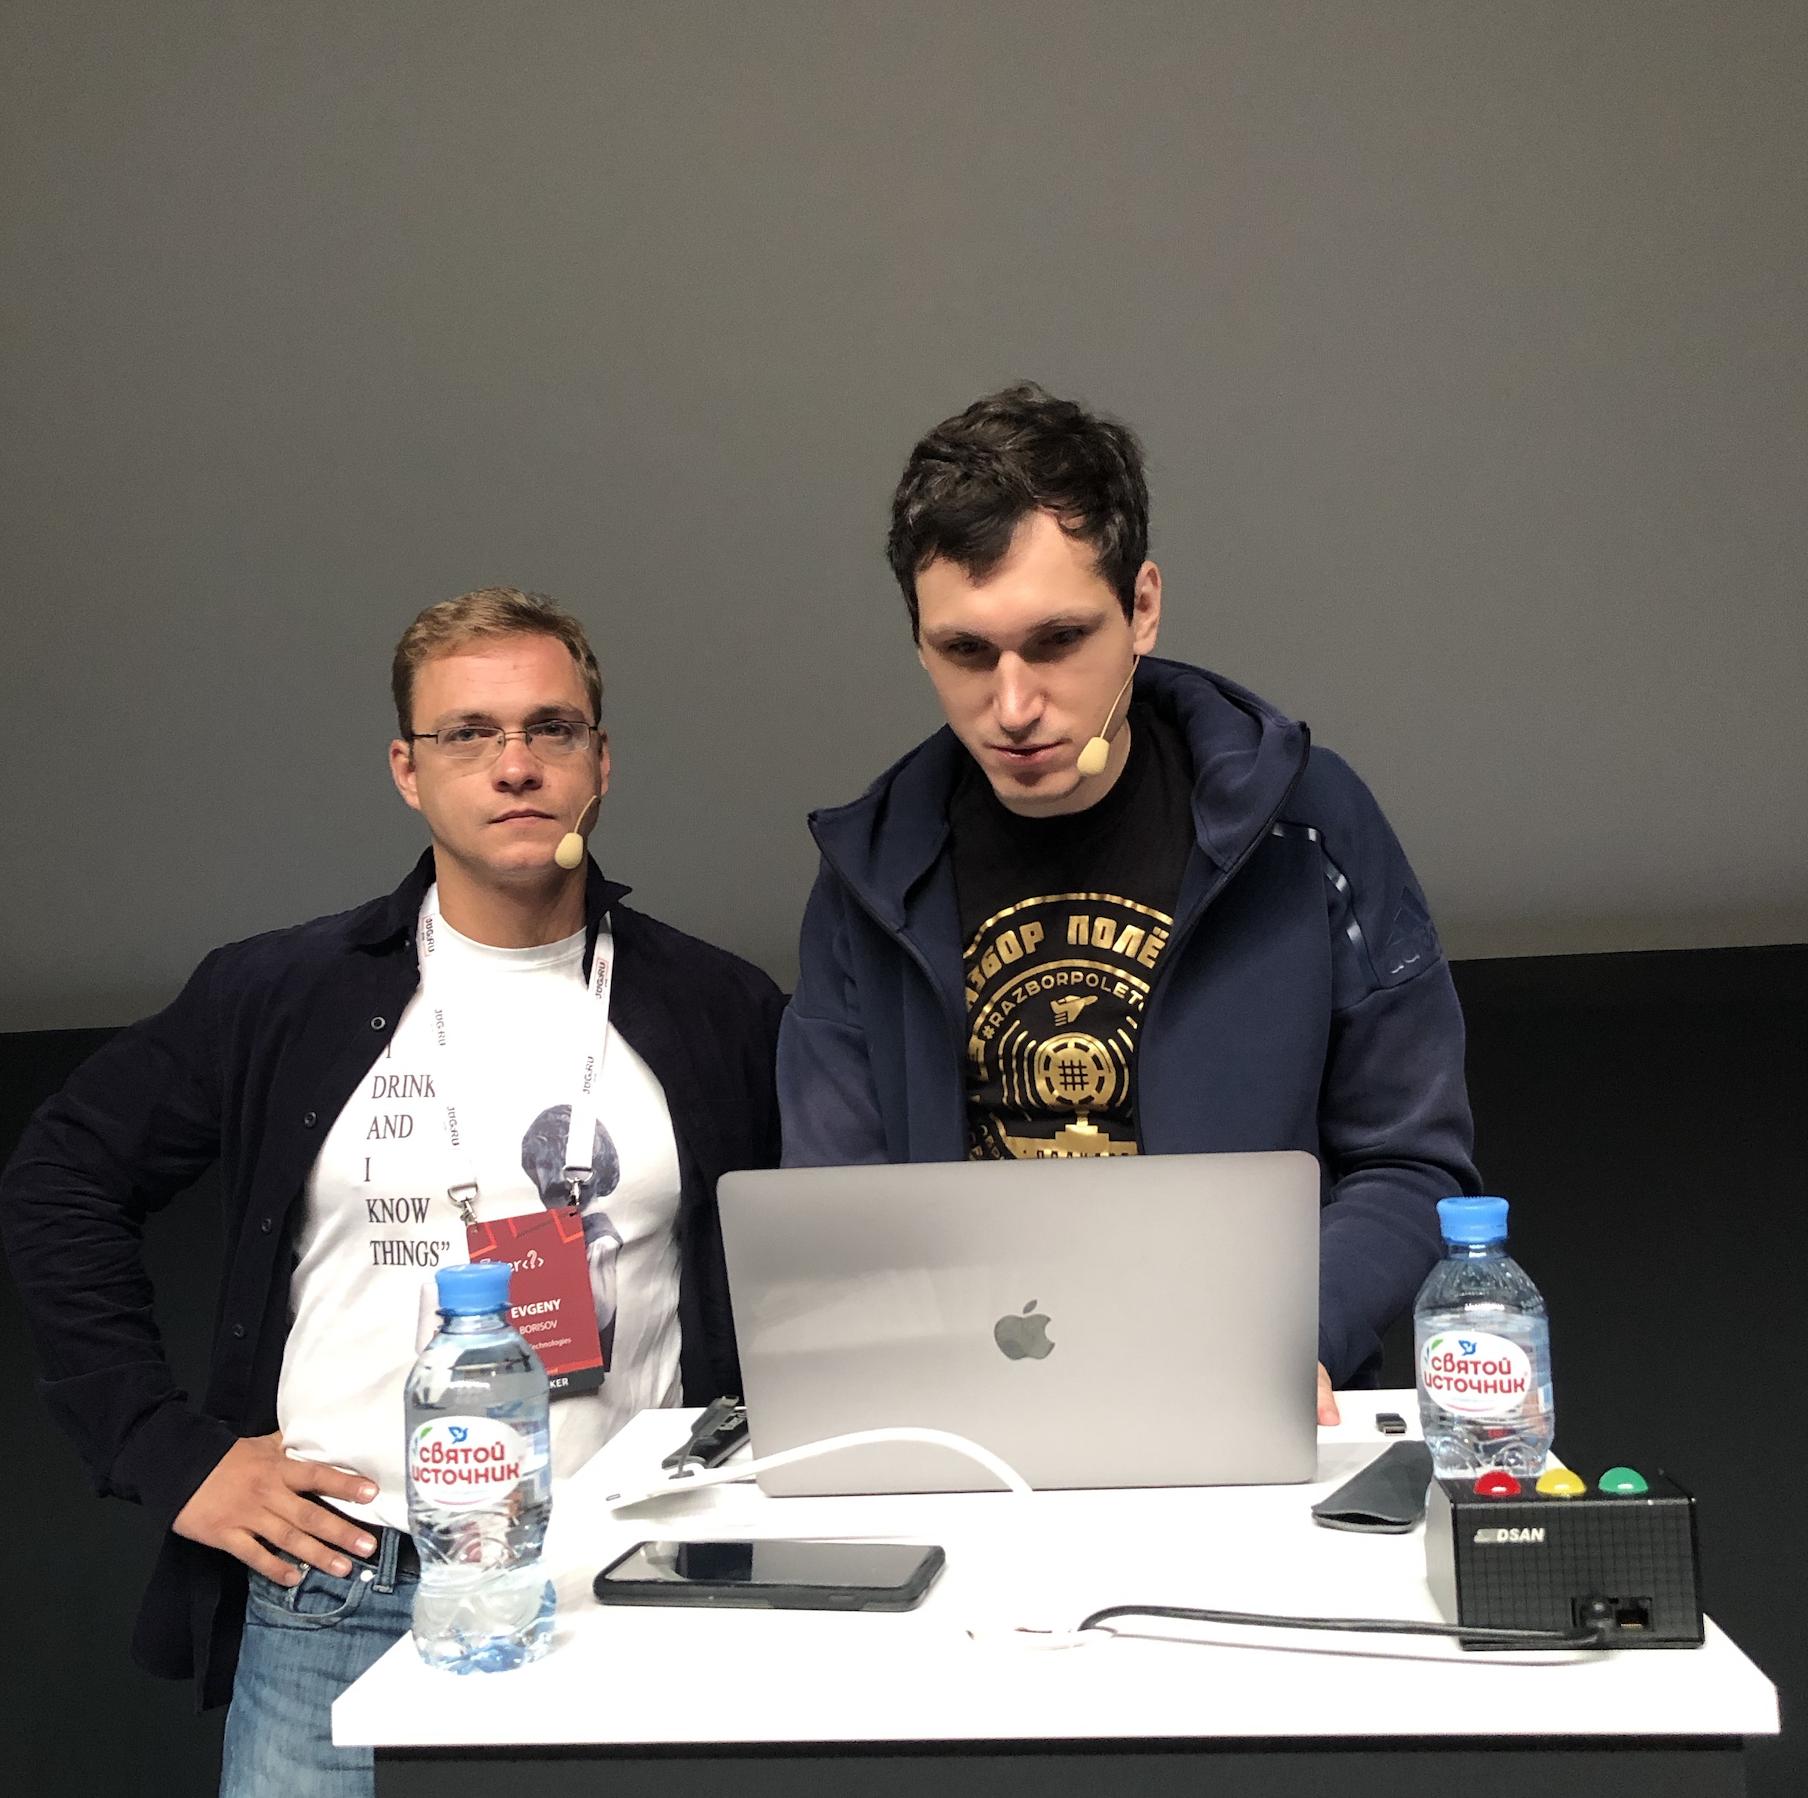 Атакуем Joker 2019 полностью: как прошла самая крупная Java-конференция в России - 11